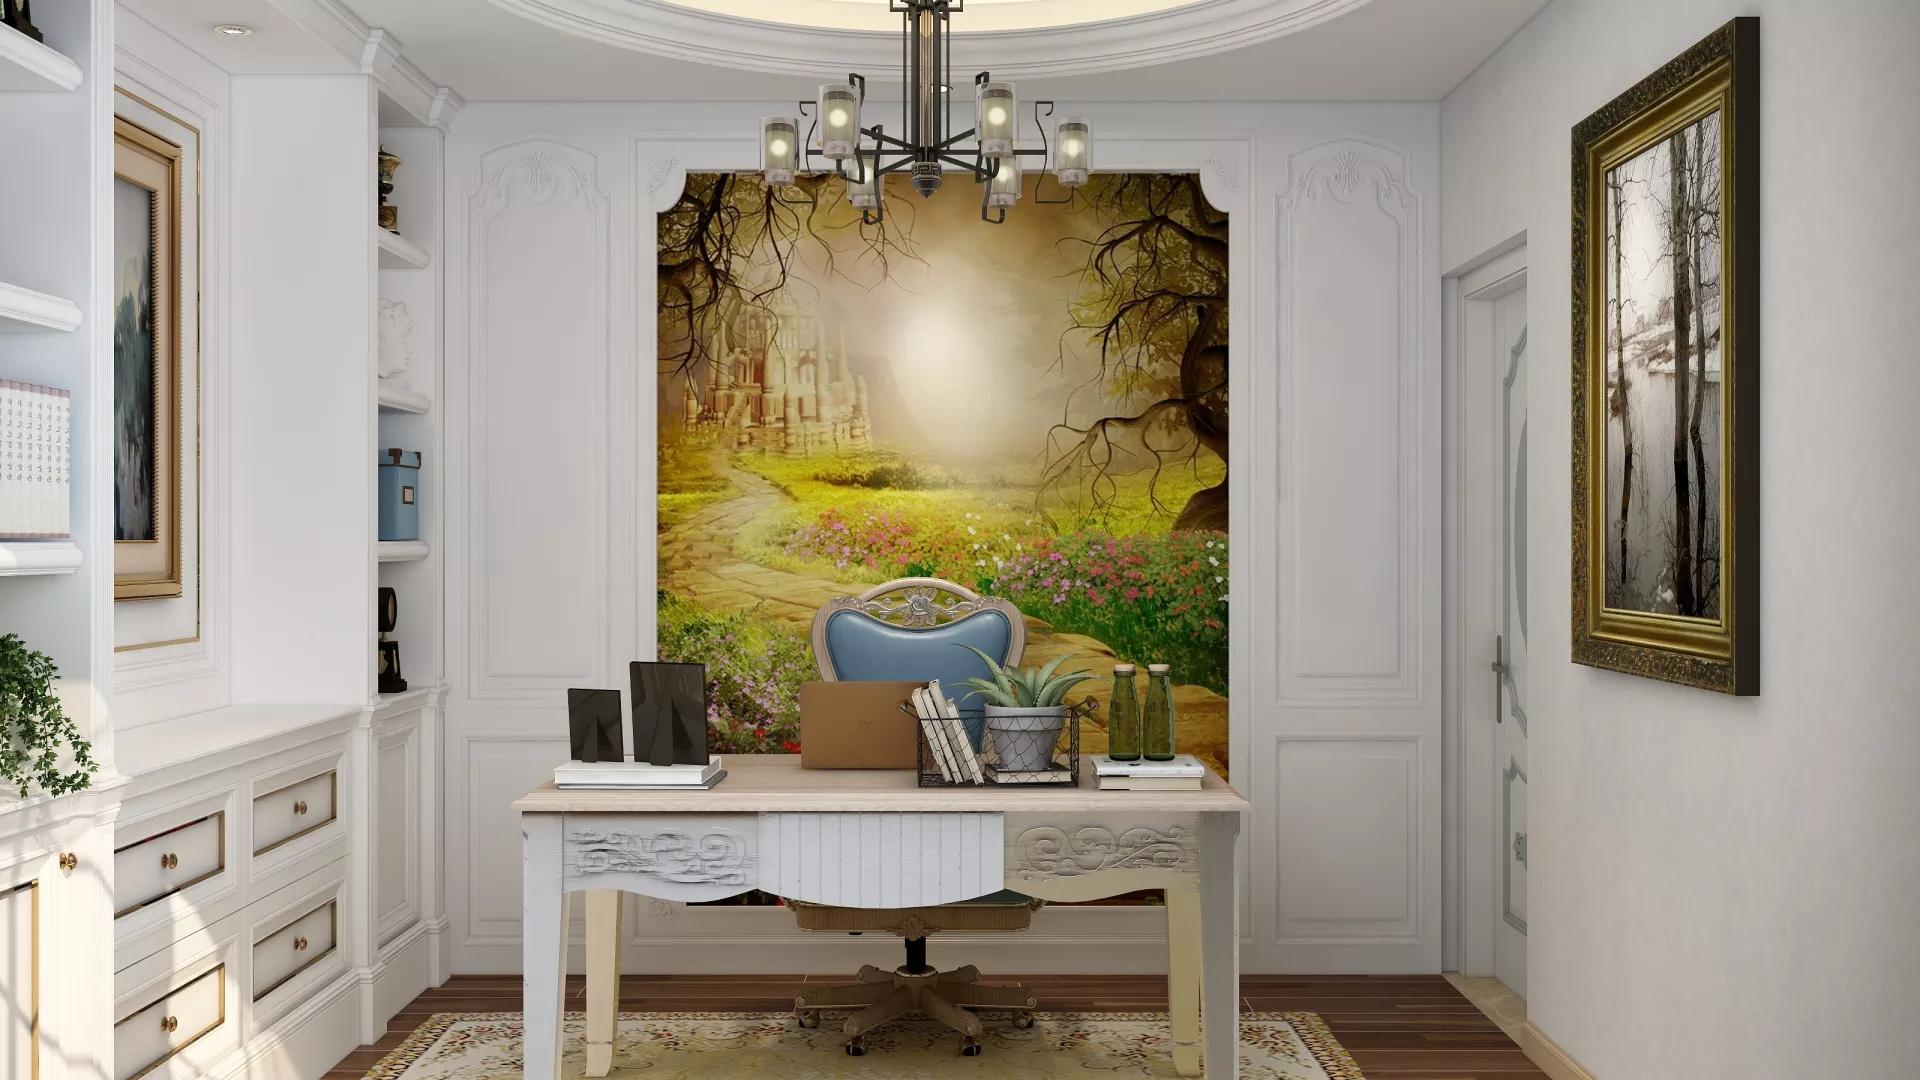 棕色系美式风格家居装修设计效果图